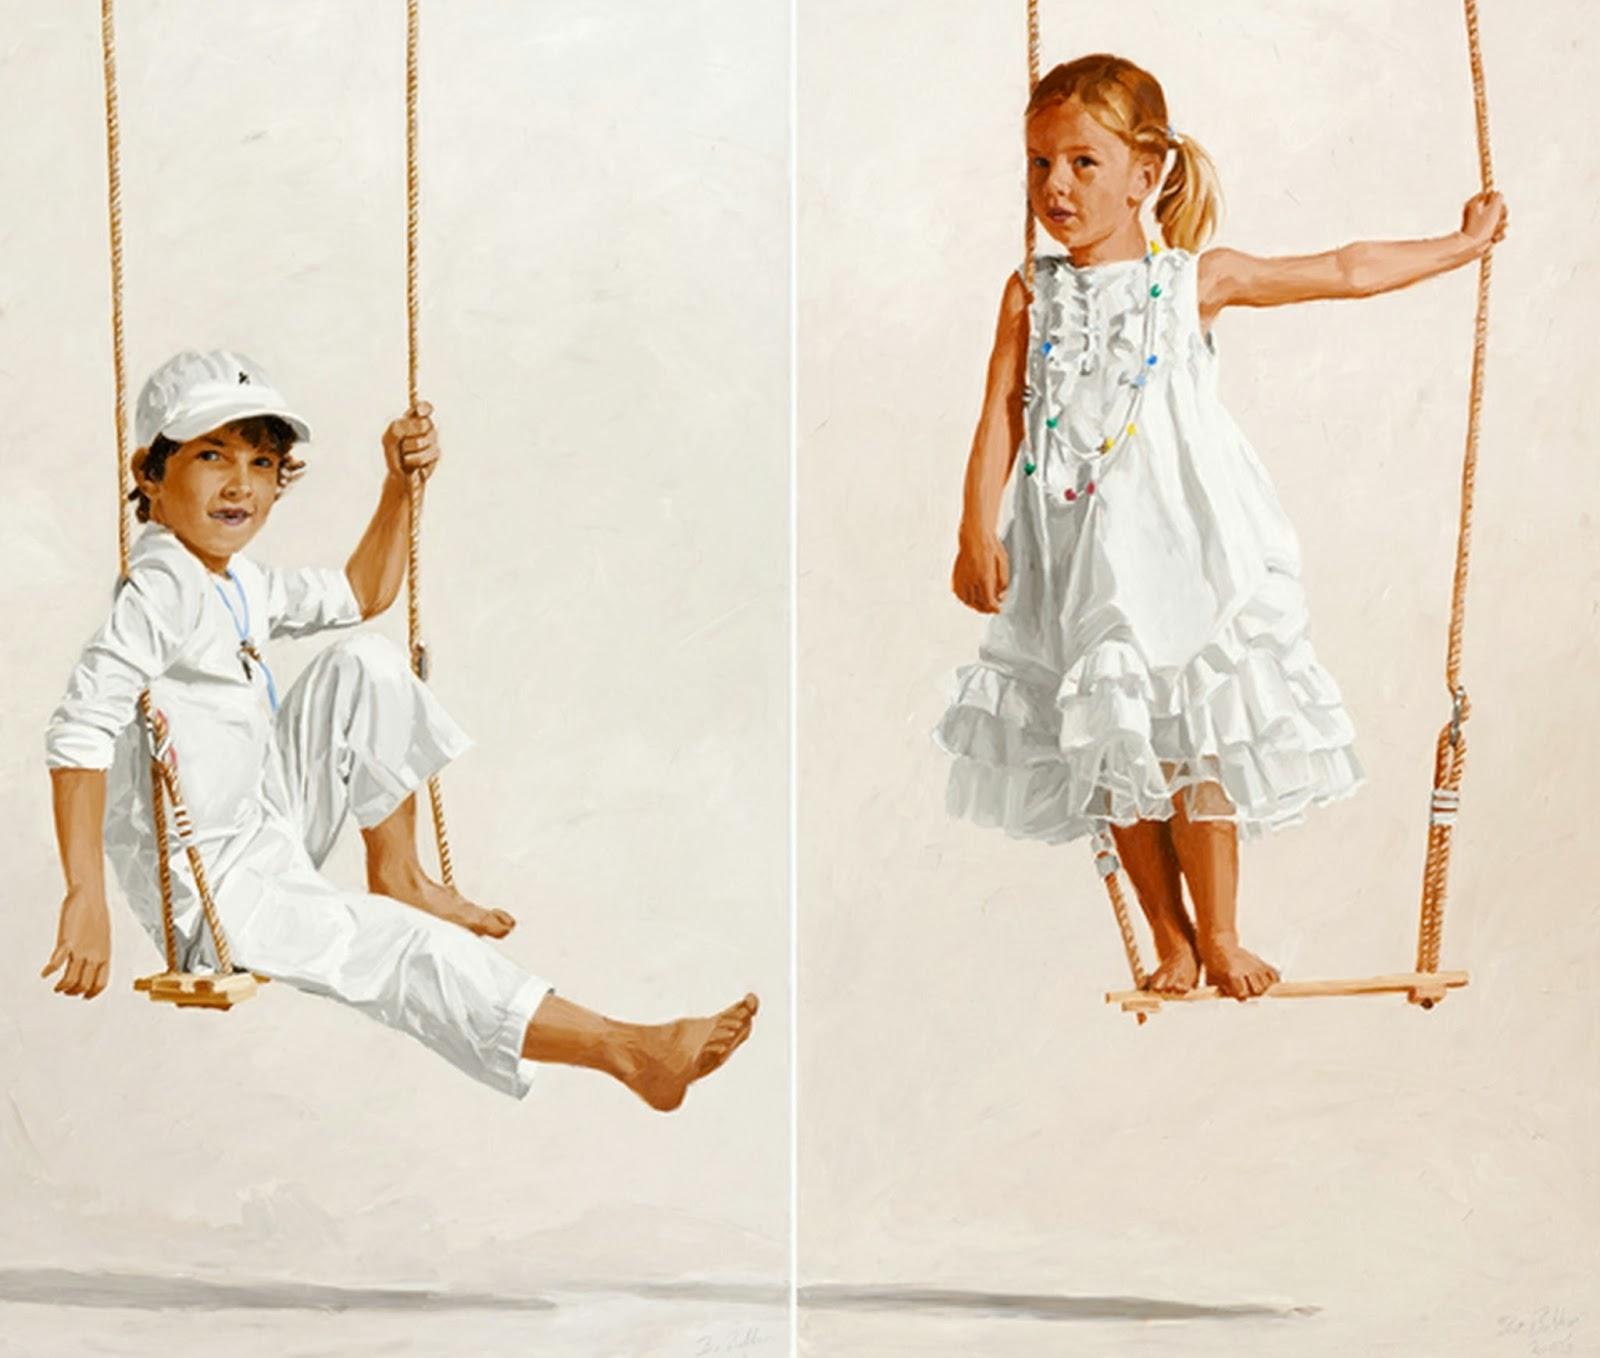 galeria-de-retratos-de-niñas-y-niños